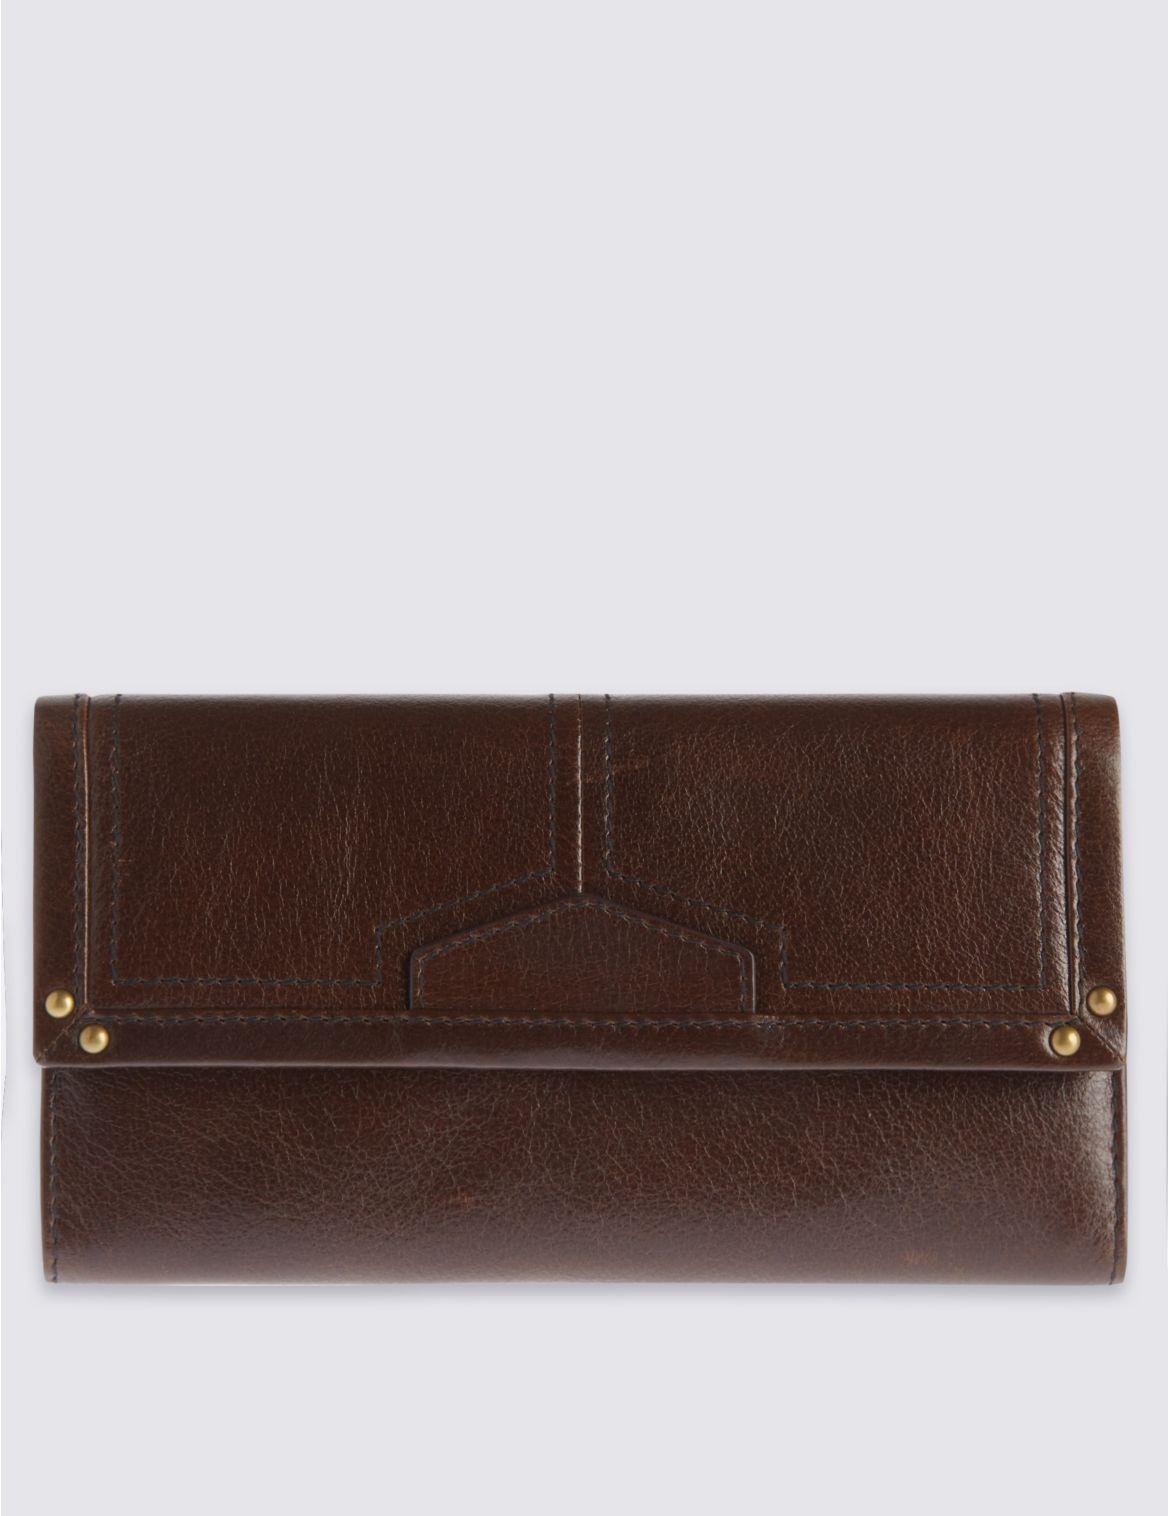 Porte-monnaie en cuir avec patte, doté de la technologie Cardsafe™